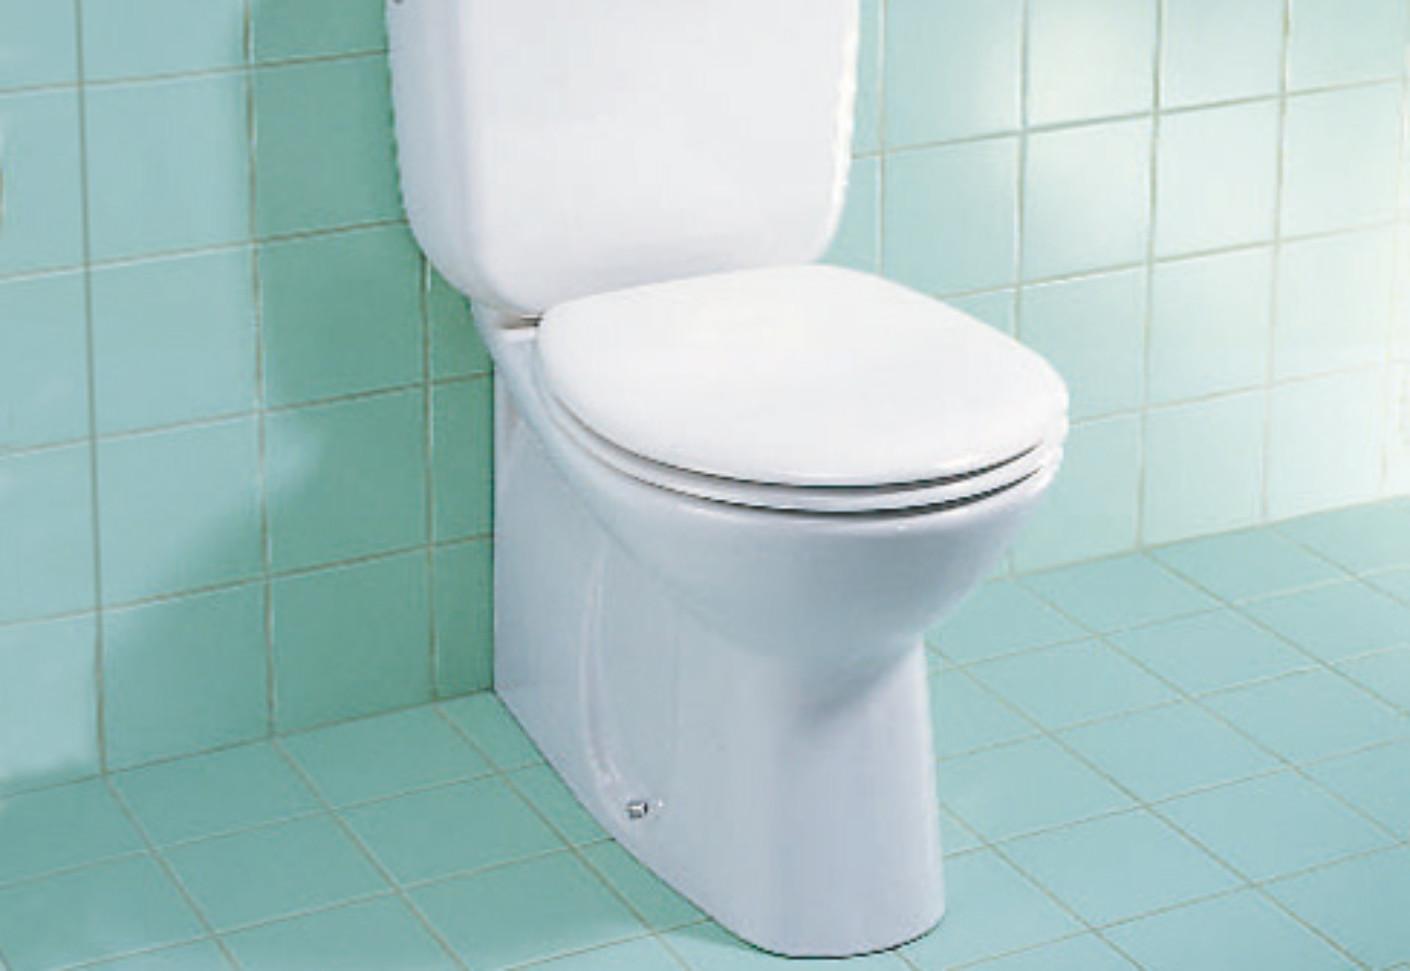 Duraplus stand wc kombination von duravit stylepark